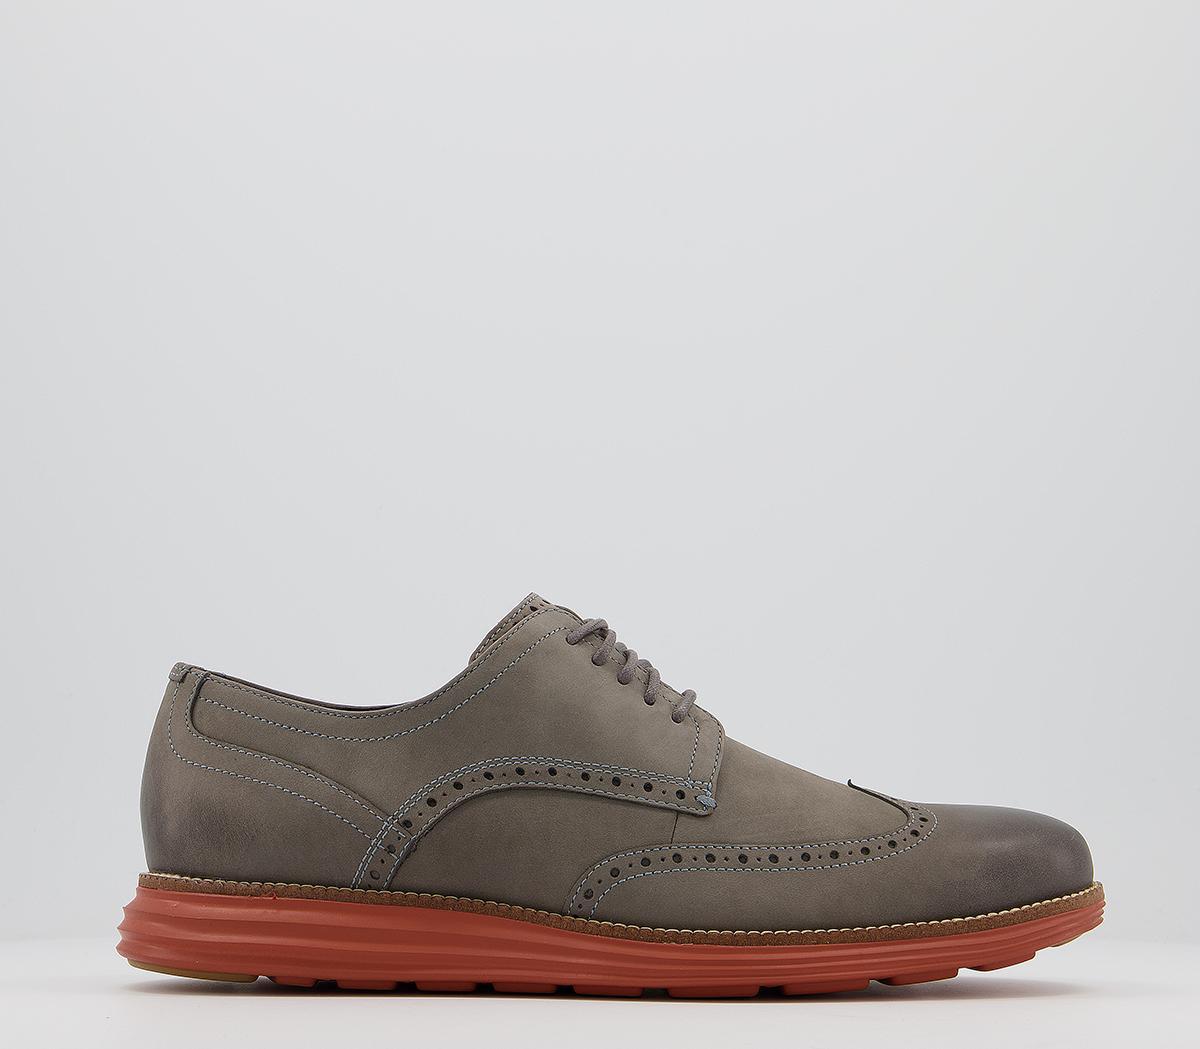 W Original Grand Wingtip Oxford Shoes